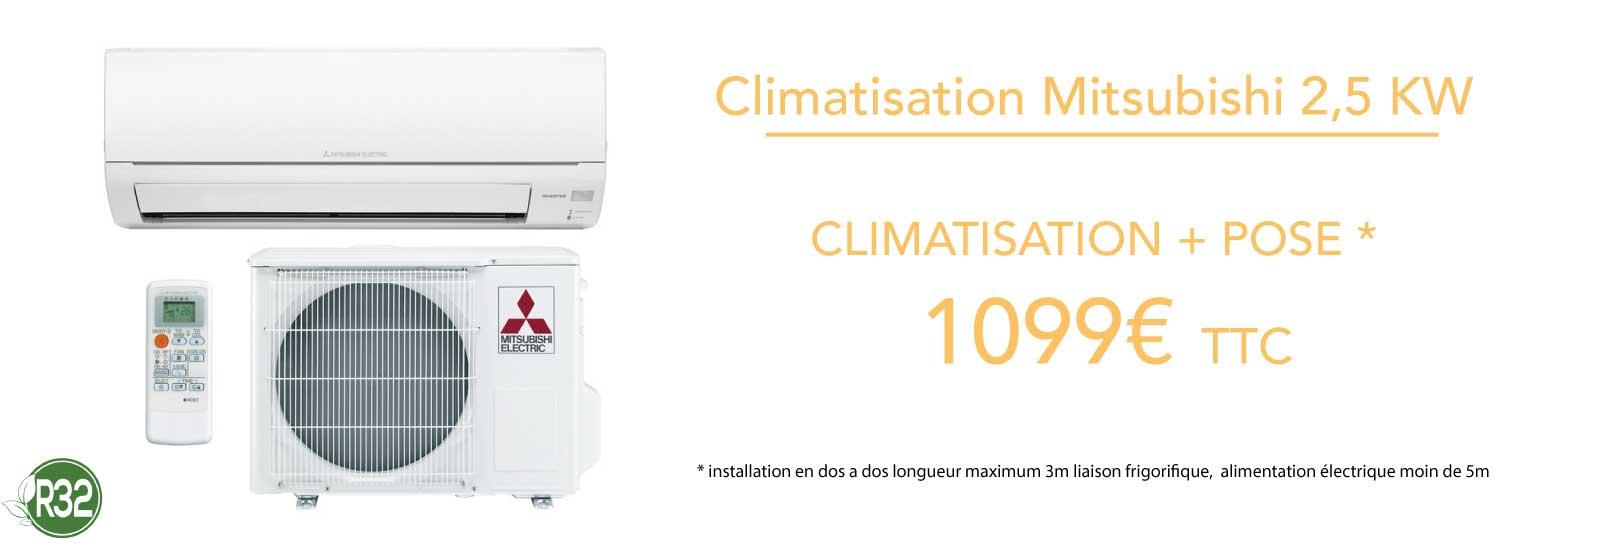 Installateur Climatisation A Montpellier Climsud34 Devis Gratuit